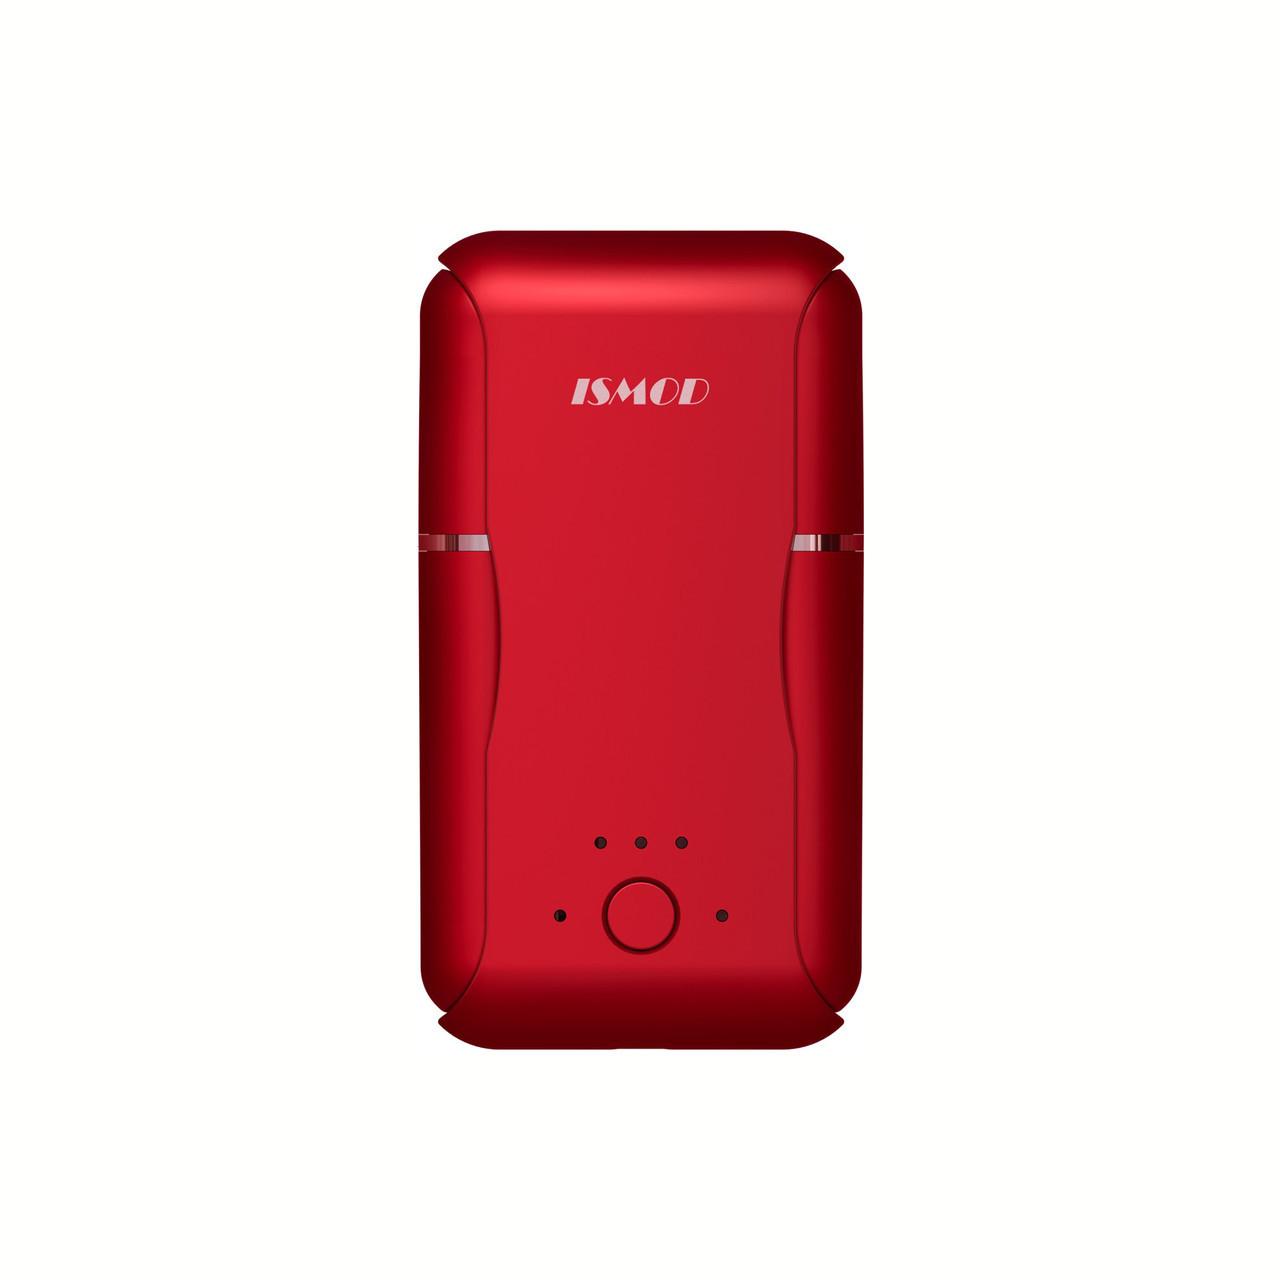 Устройство для нагревания табака MySmok iSMOD II Plus Red